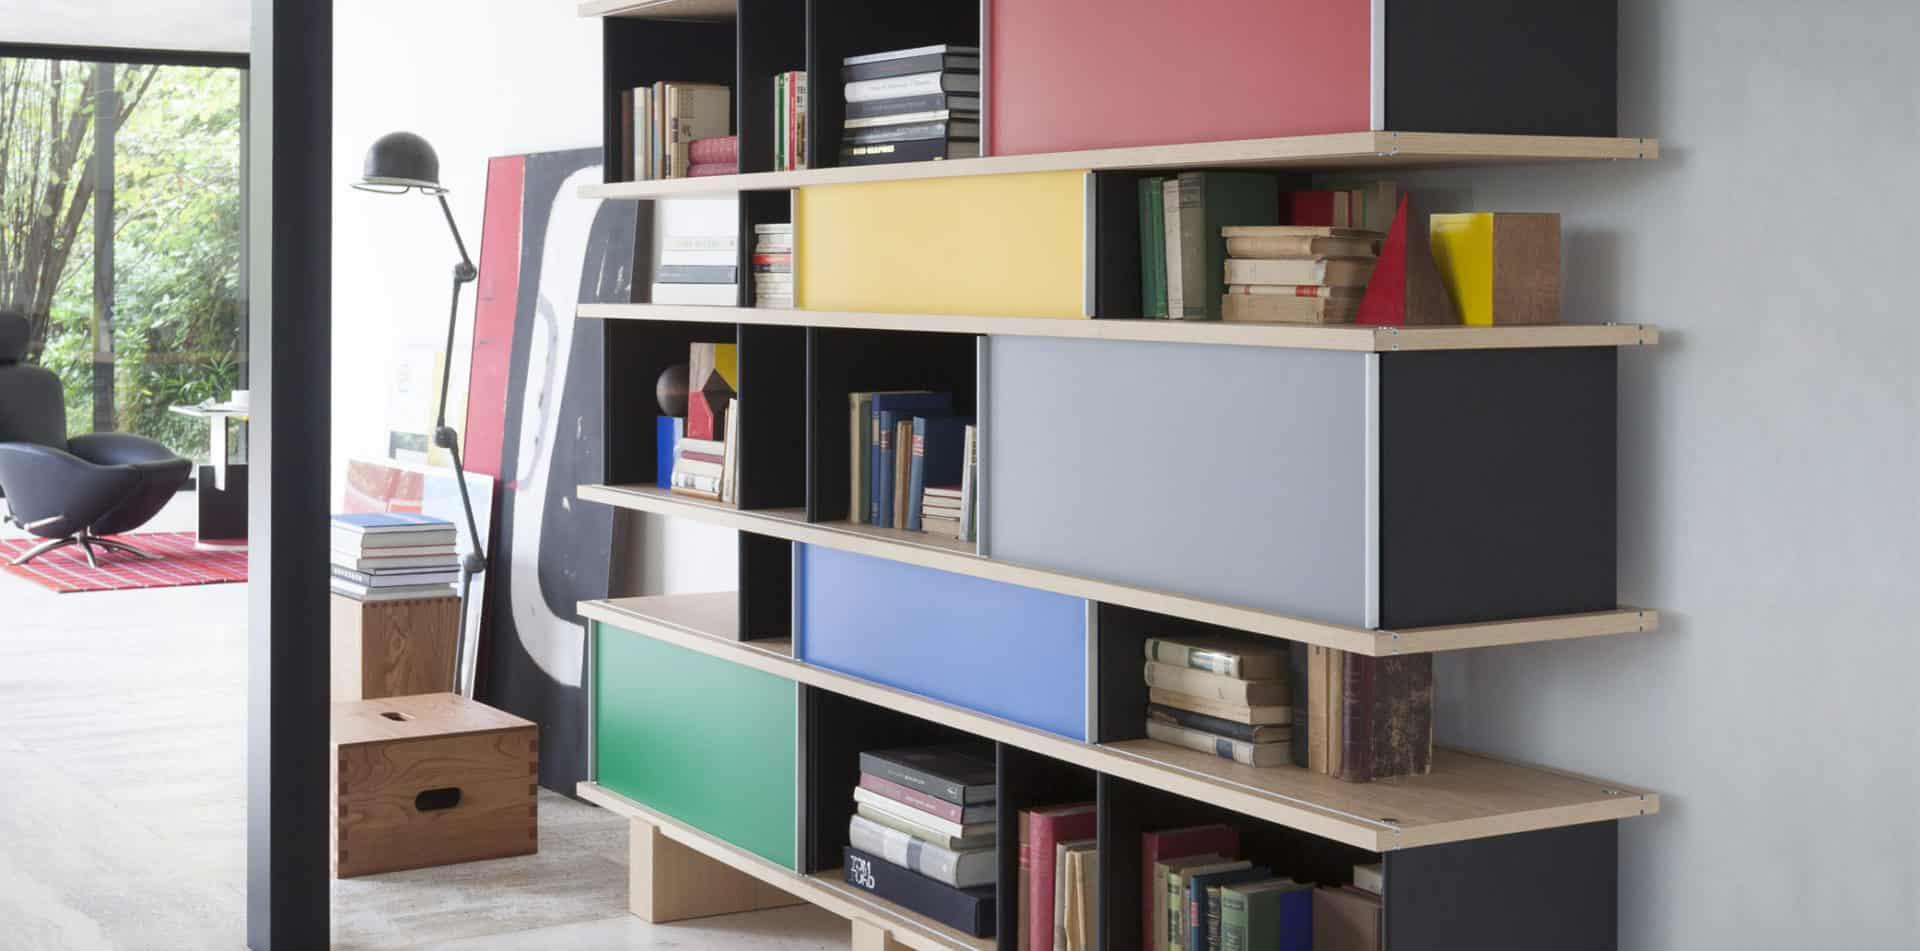 526 Nuage bibliothèque - Charlotte Perriand - Cassina